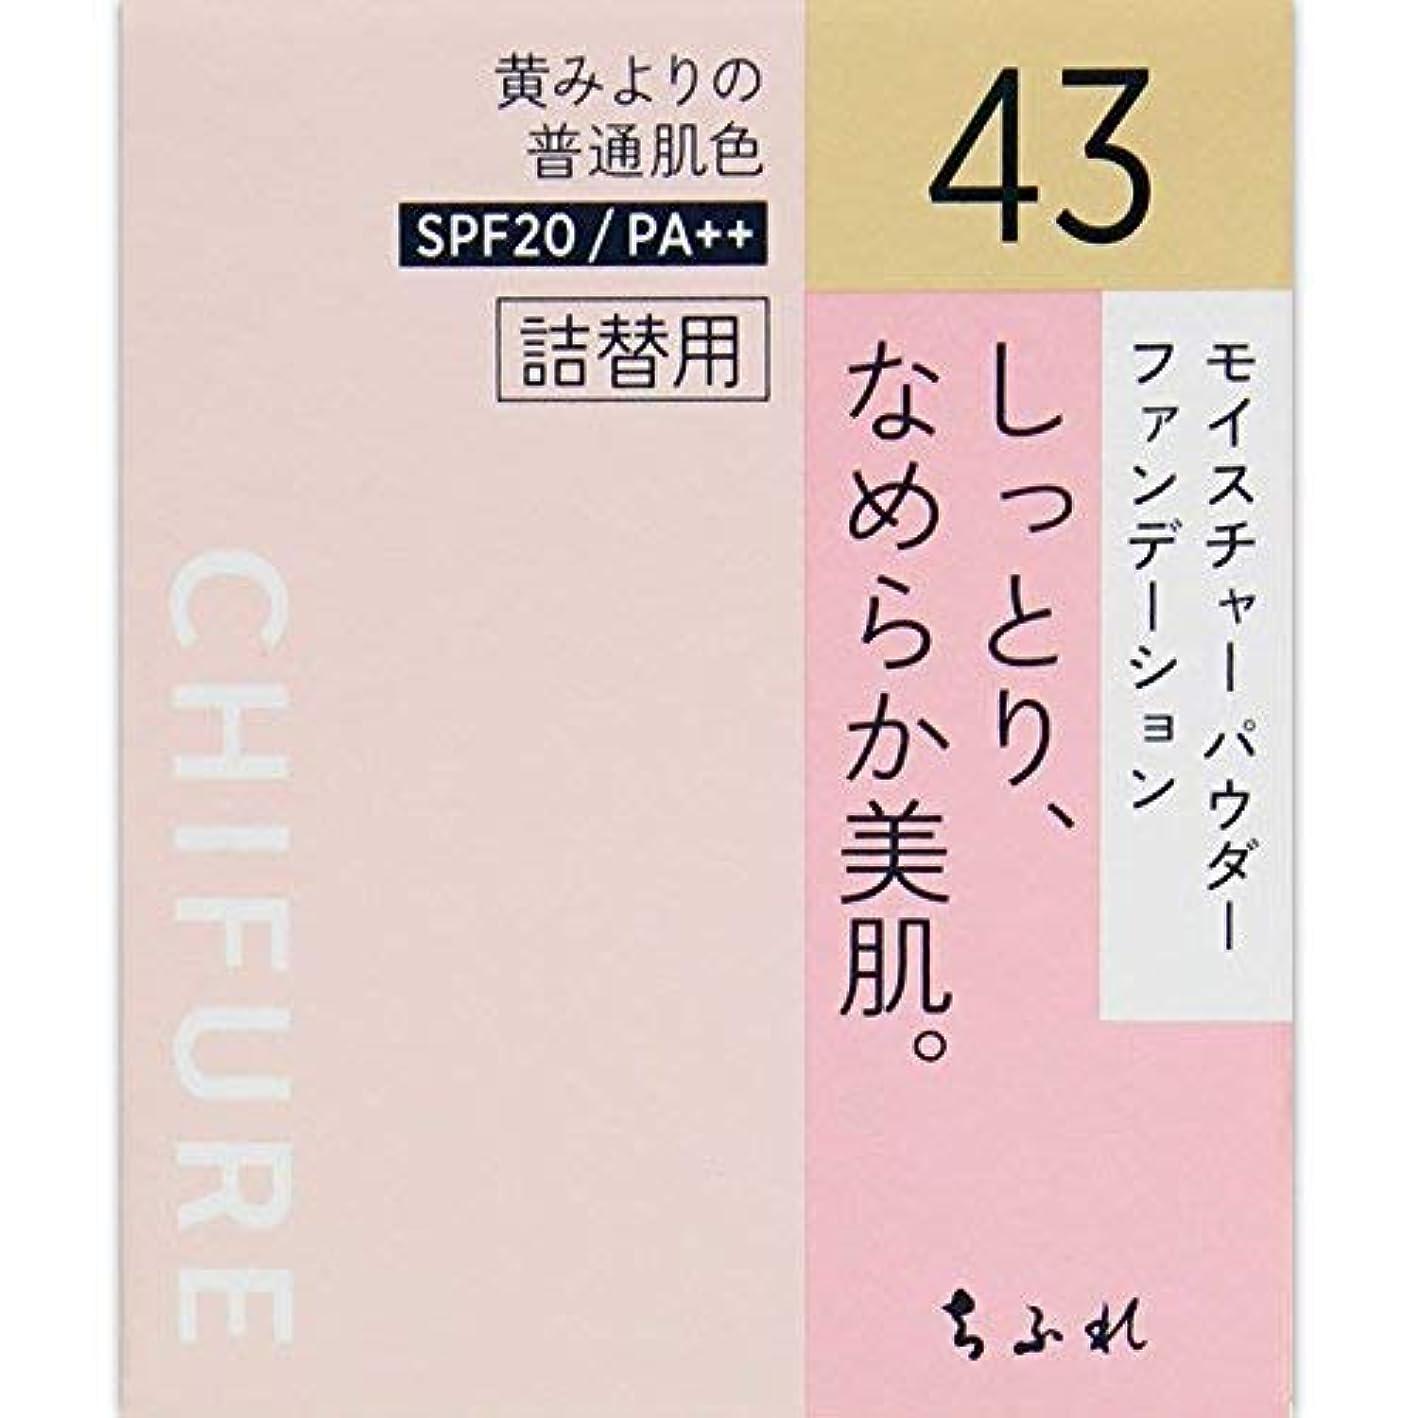 つぶす加害者スキムちふれ化粧品 モイスチャー パウダーファンデーション 詰替用 イエローオークル系 43